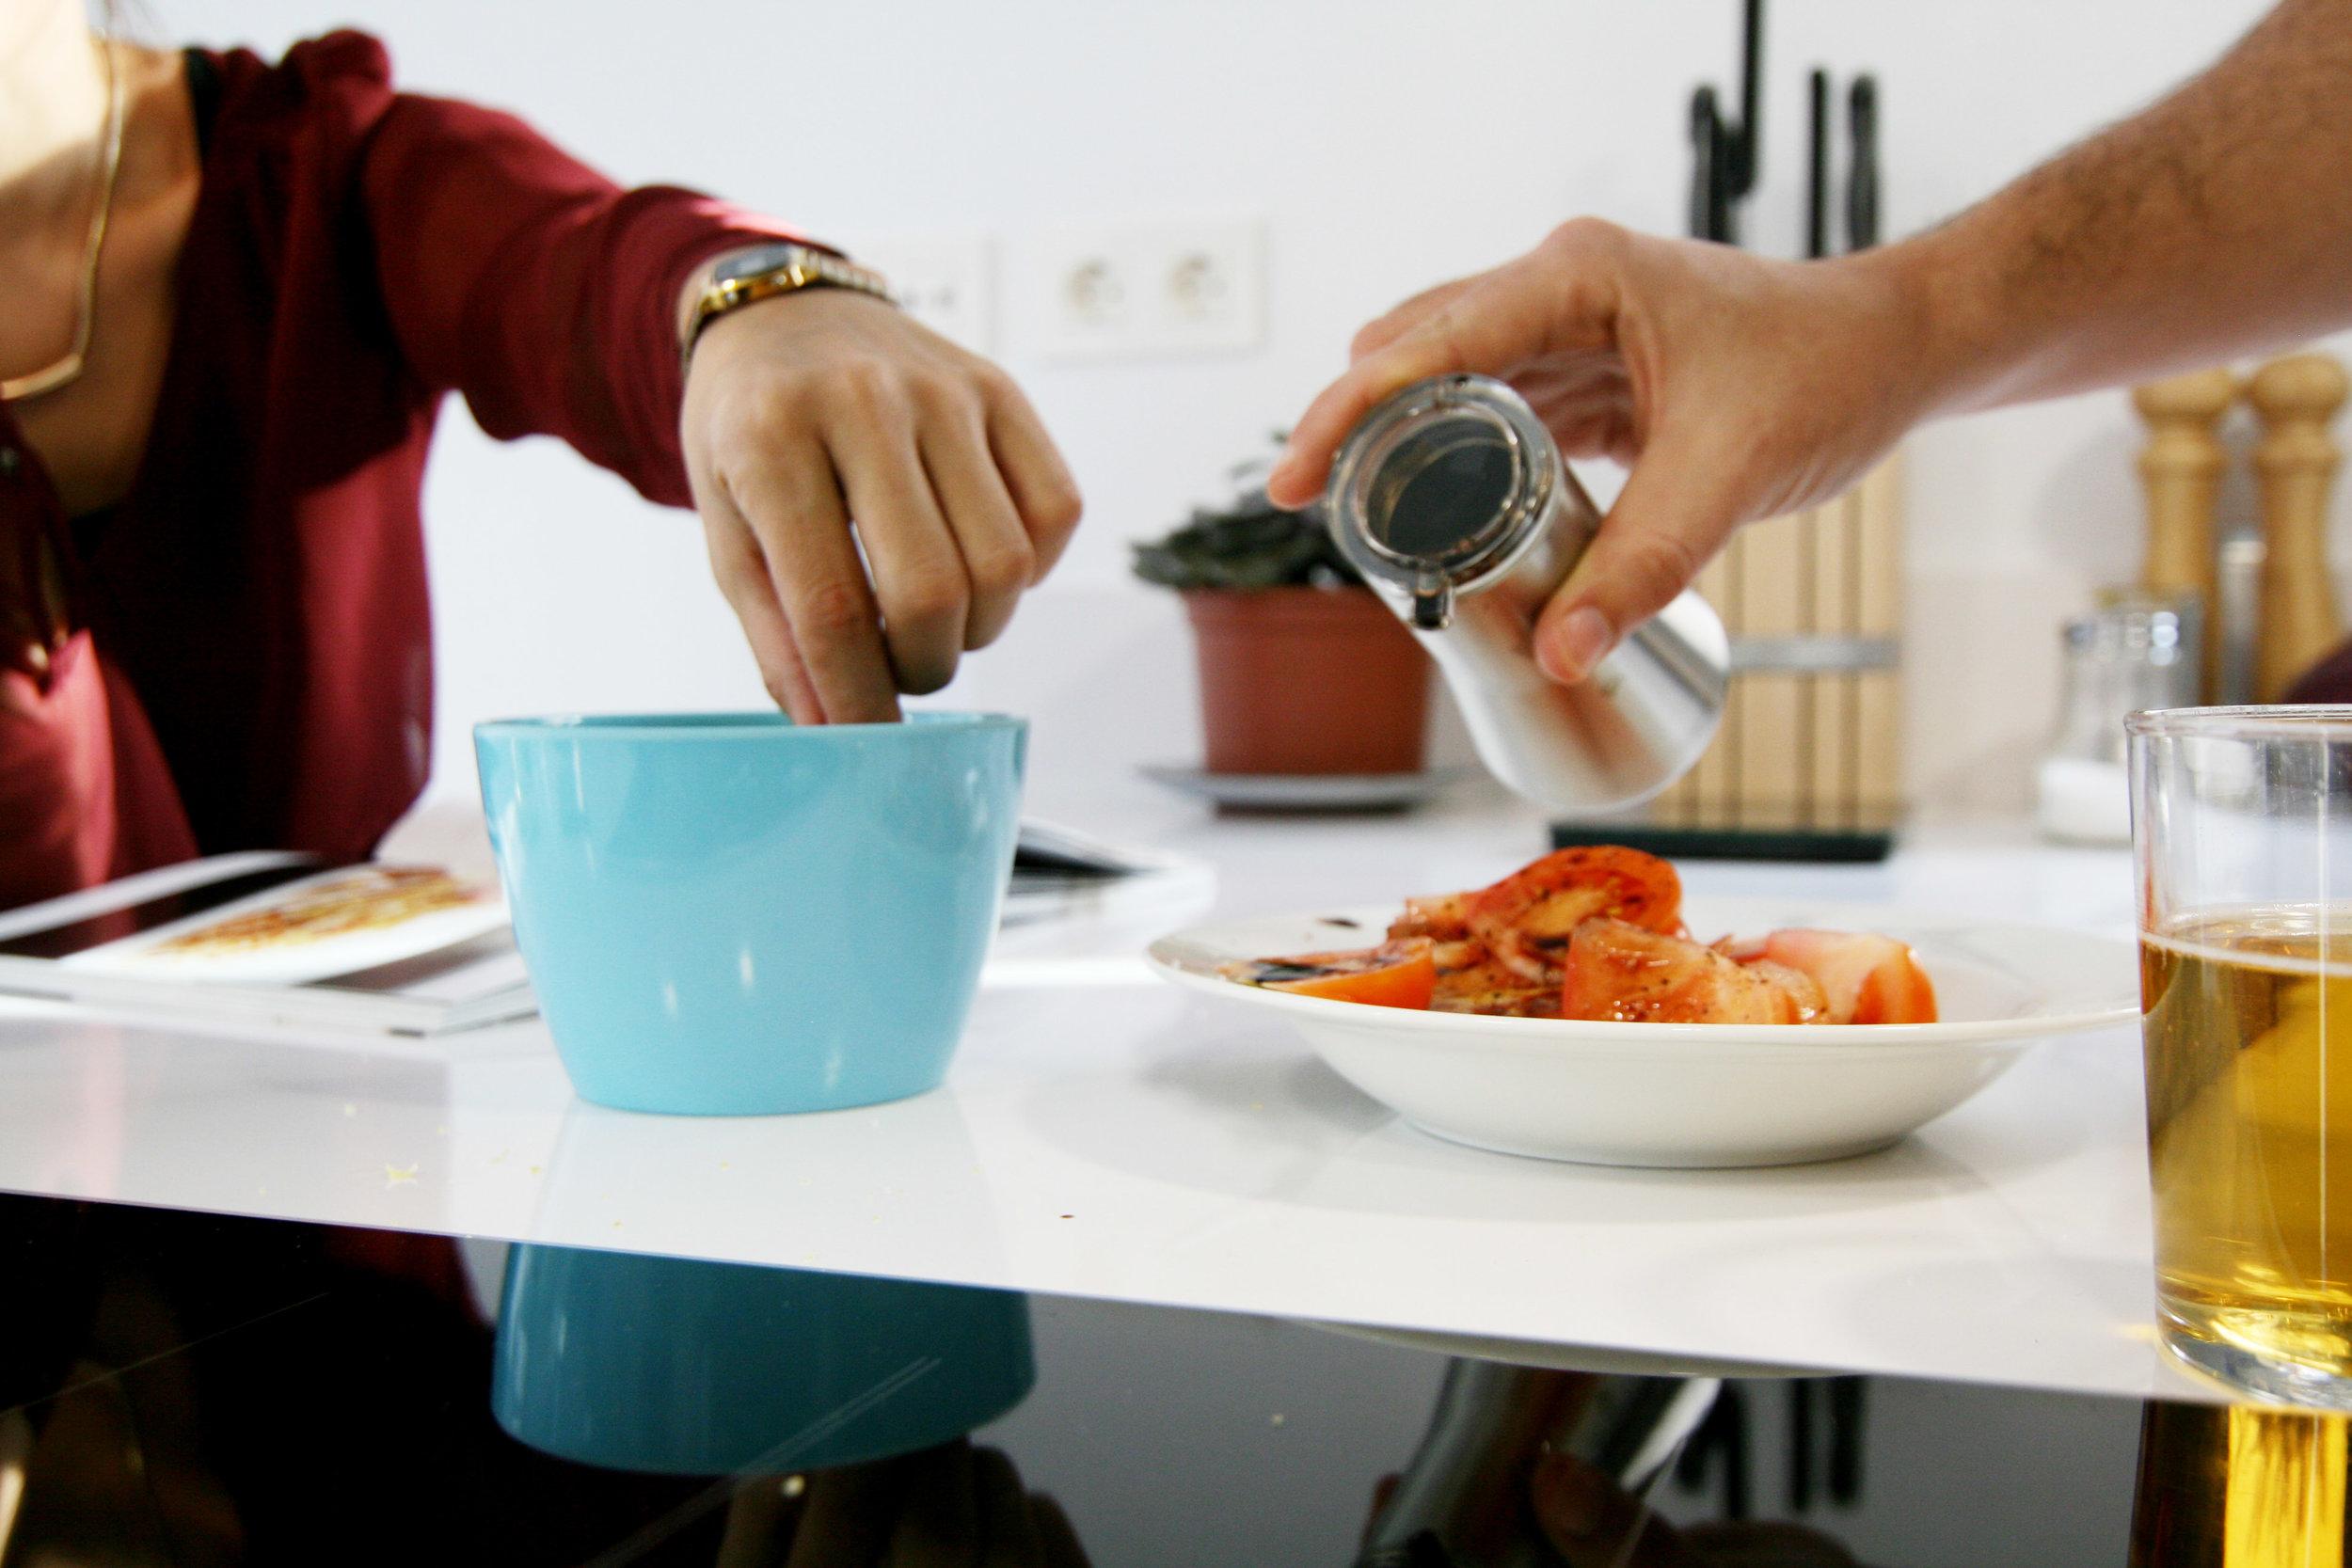 diseño slow emmme studio la cocina de Pablo y Esther - 03 - SM.jpg